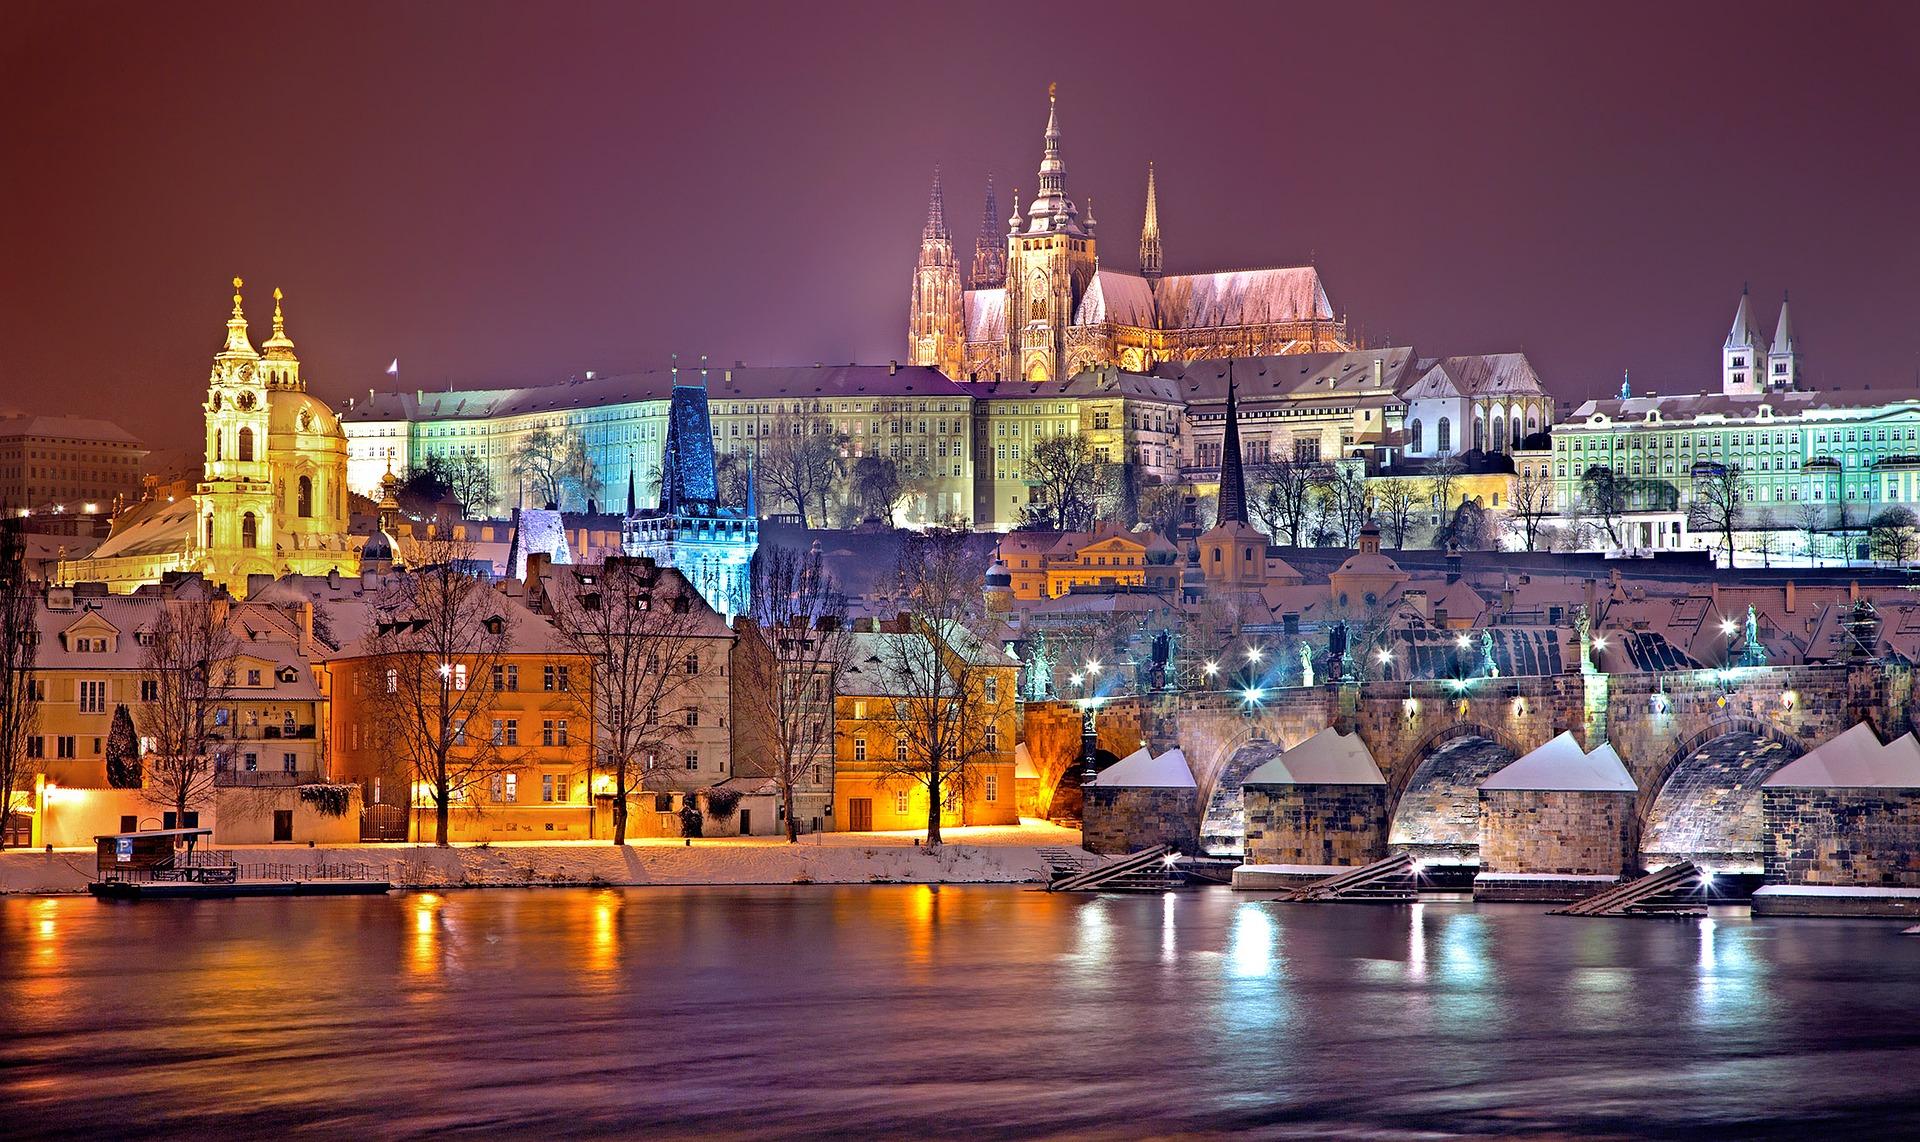 ทัวร์โปแลนด์ New Grand Eastern Europe Poland 11 วัน 8 คืน